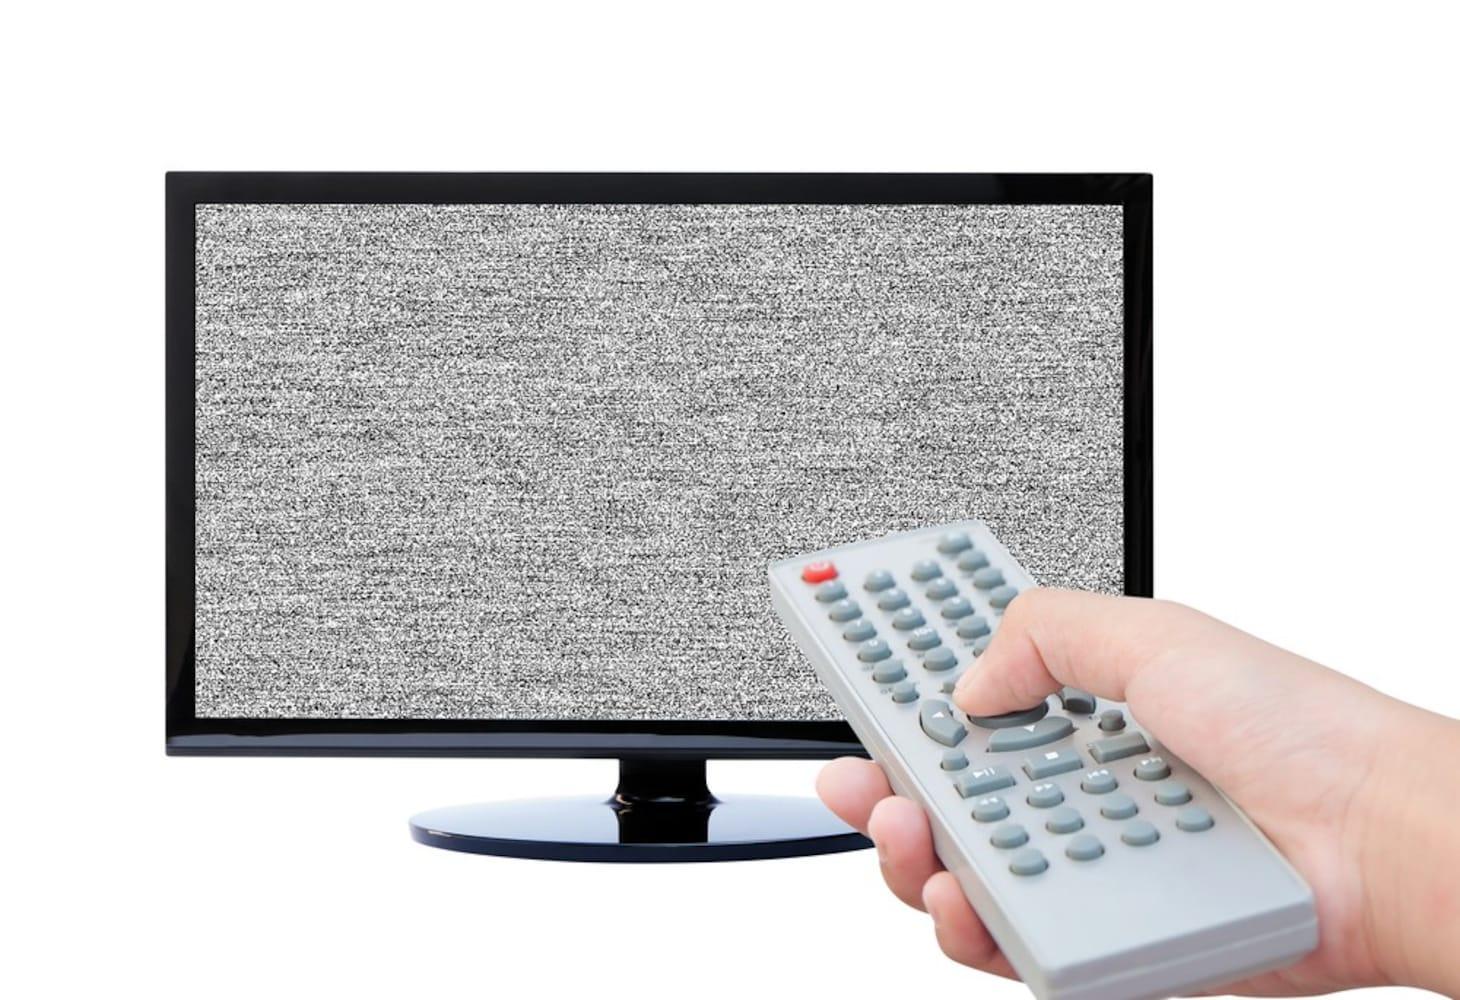 テレビの音量を抑えるテクニック!